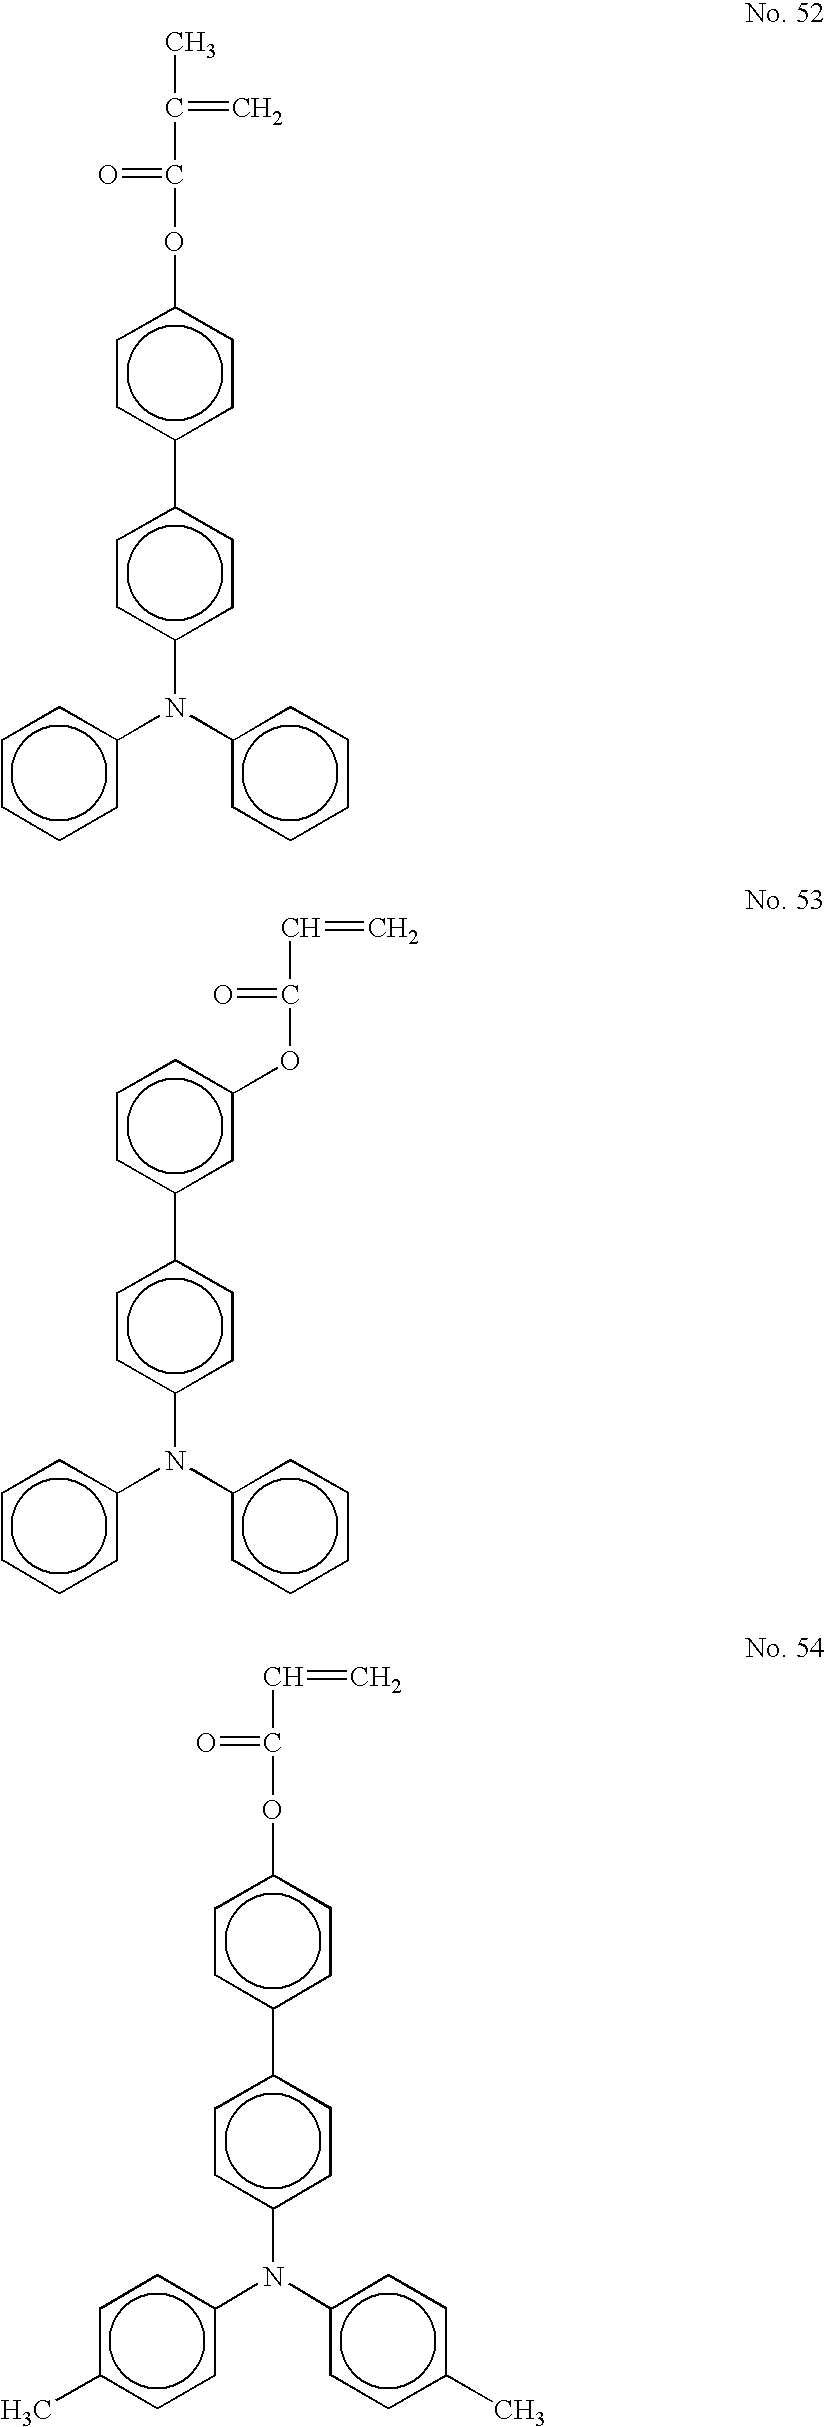 Figure US20050175911A1-20050811-C00019